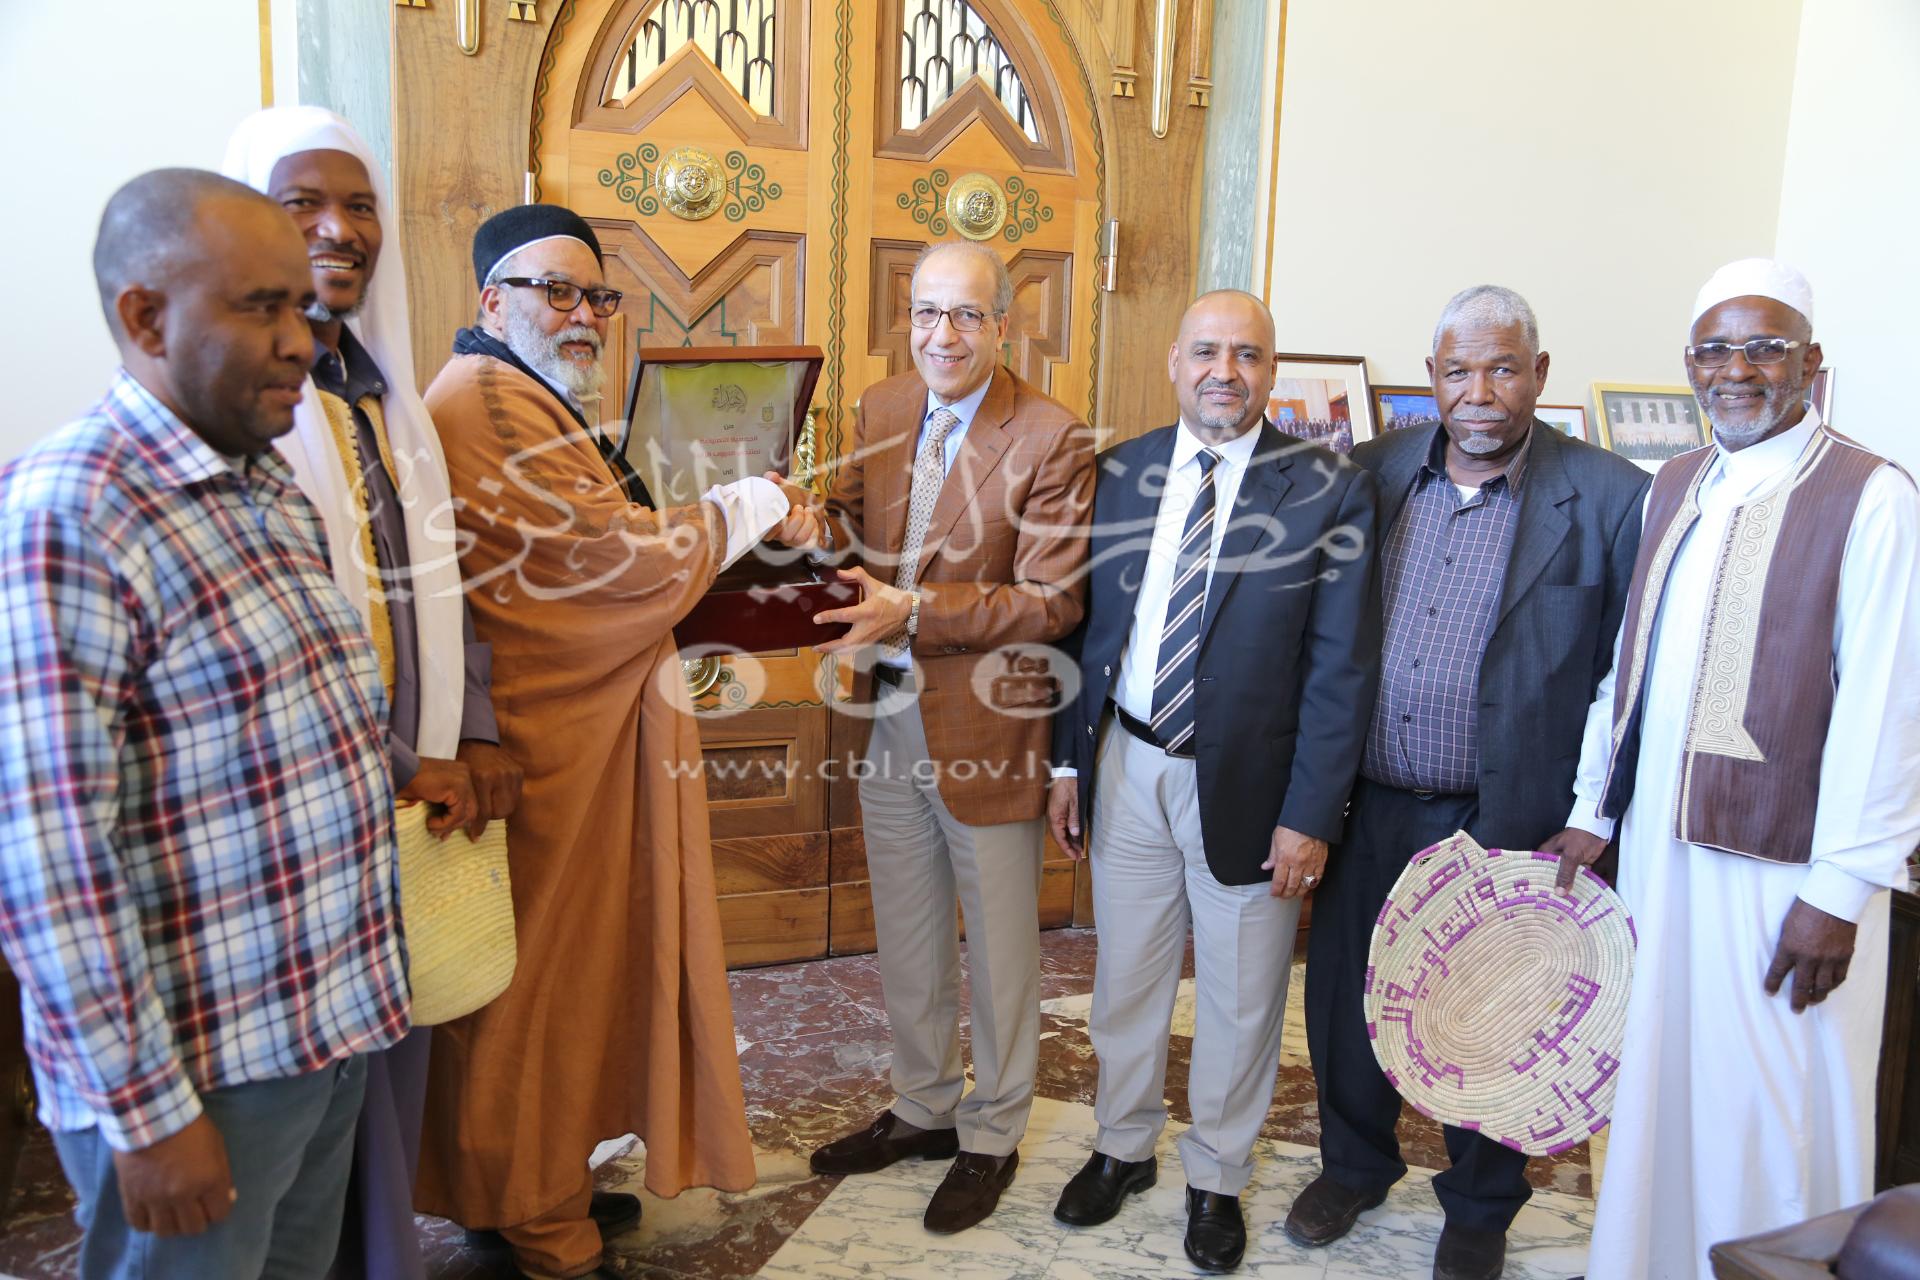 السيد المحافظ يلتقي وفداً من جمعية مُزارعي الحبوب بالجنـوب الليبي